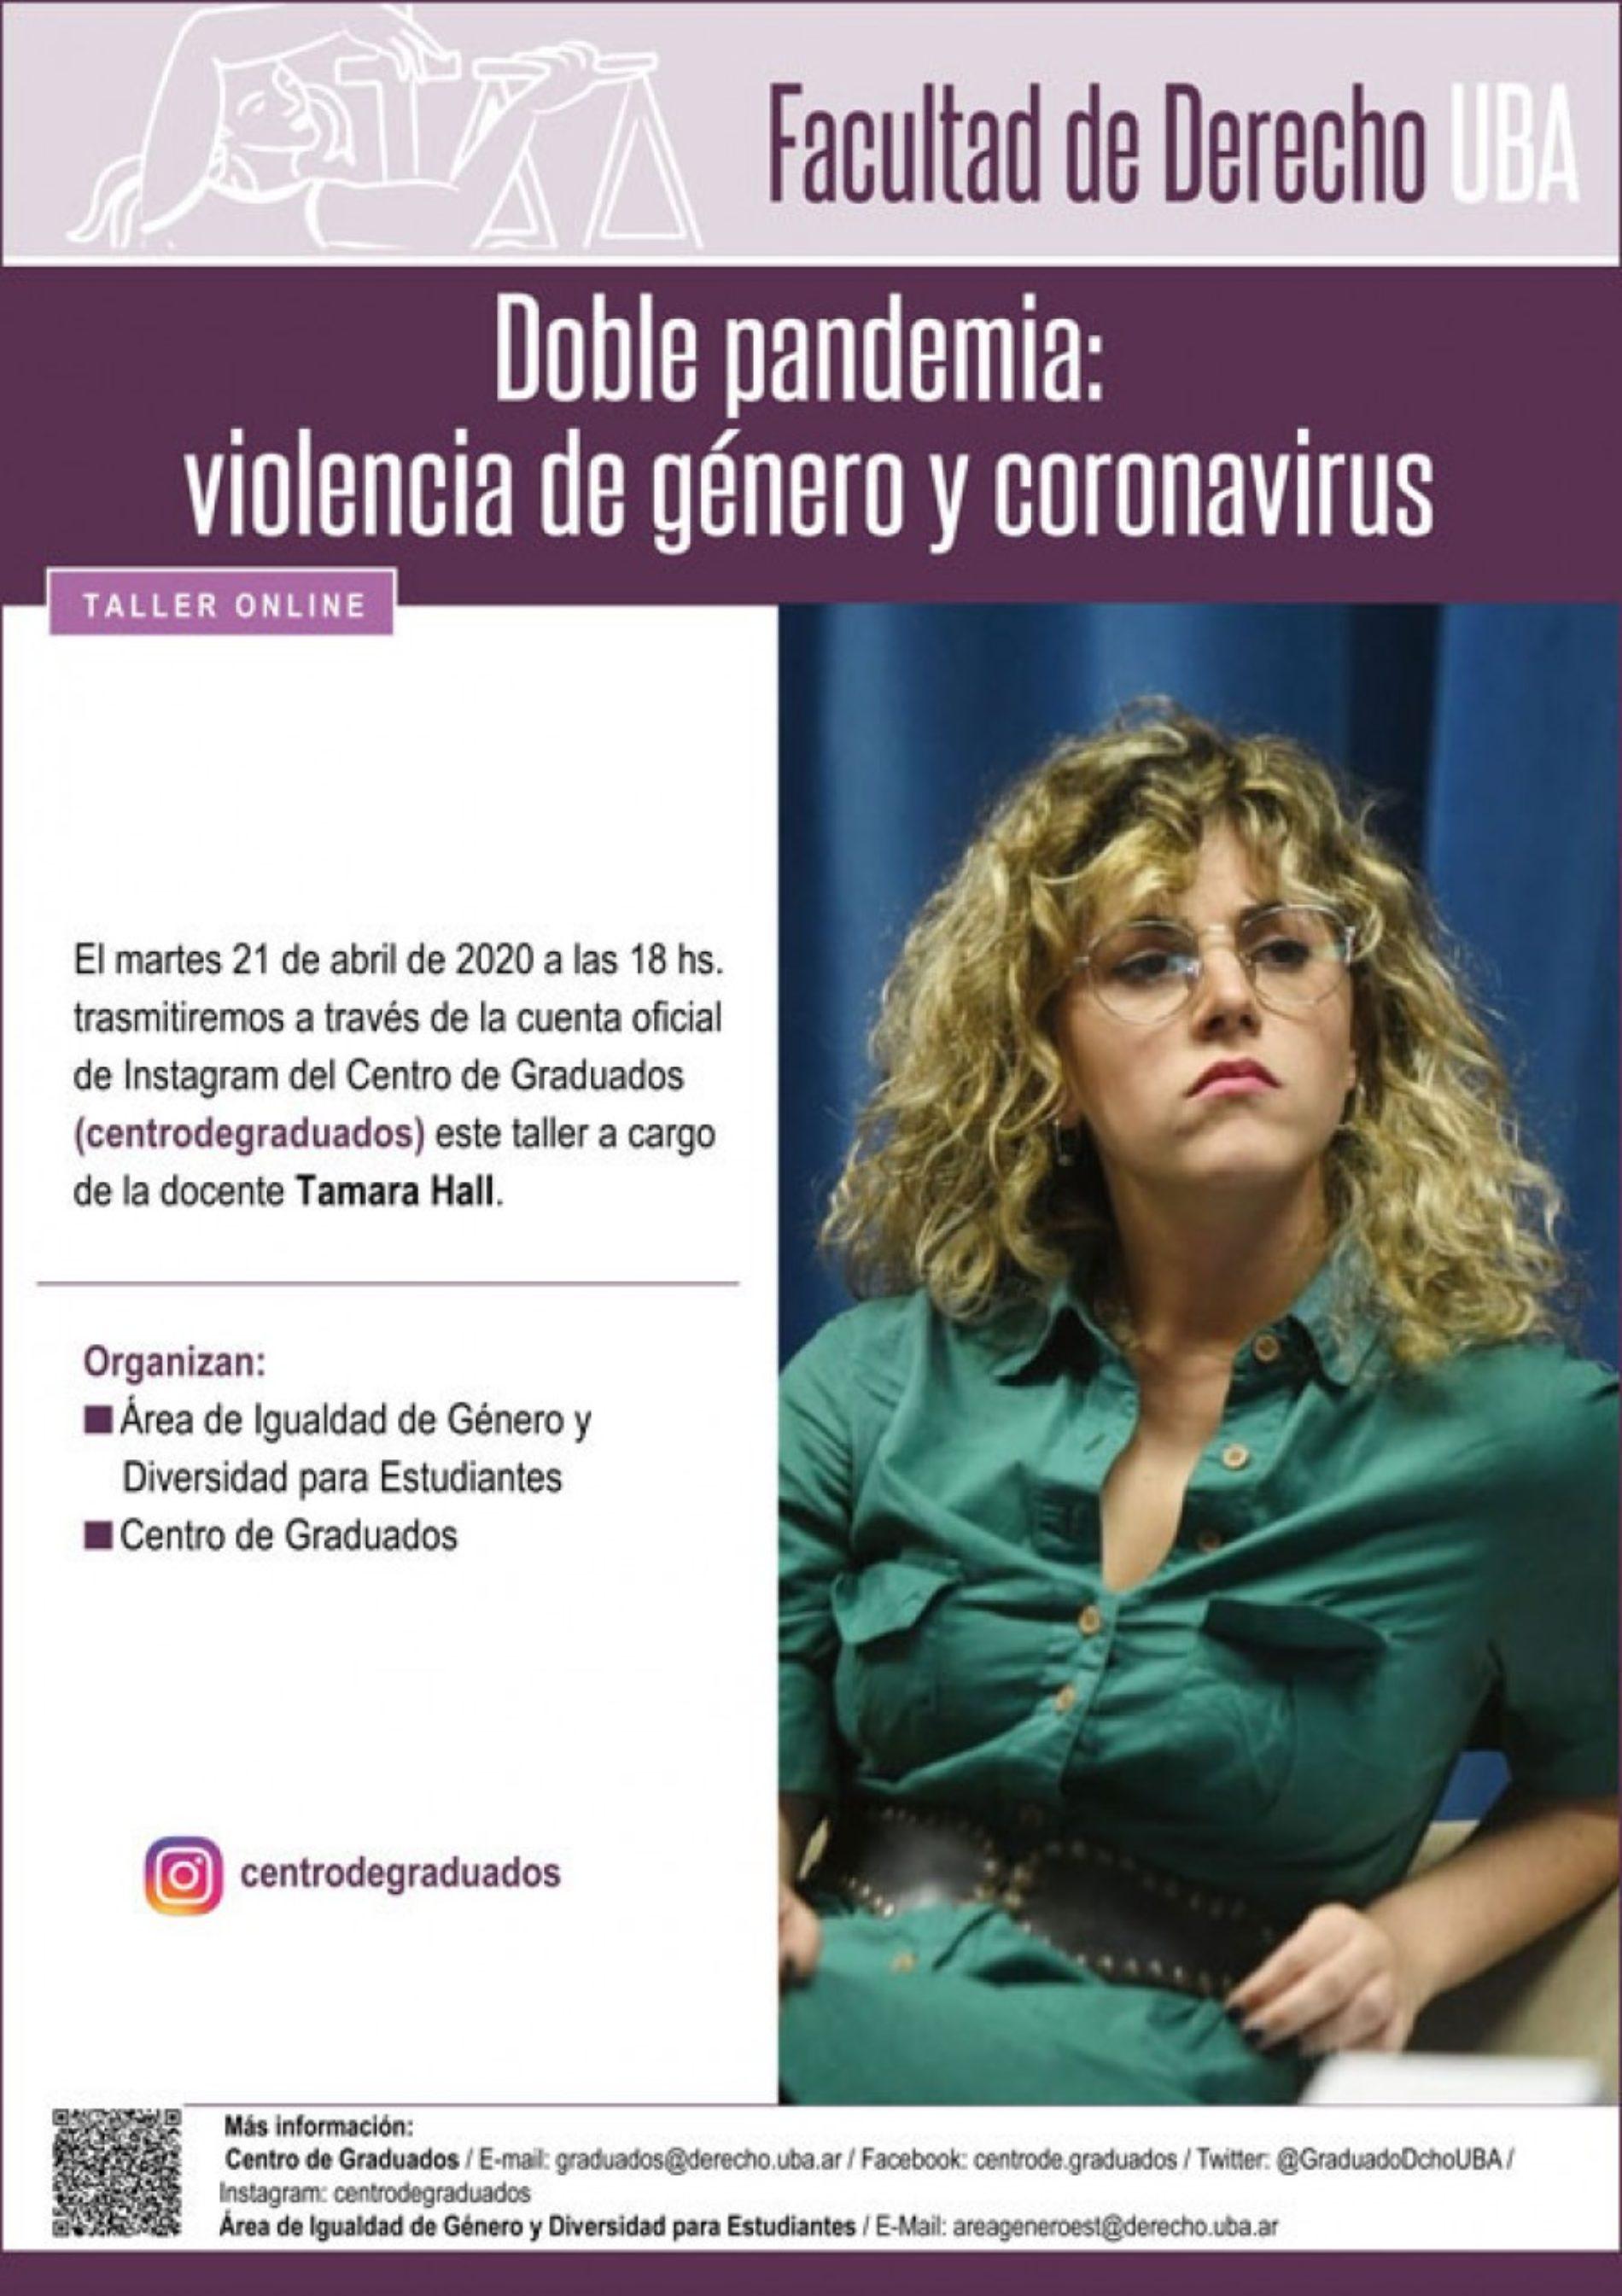 Taller online «Doble pandemia: violencia de género y coronavirus»